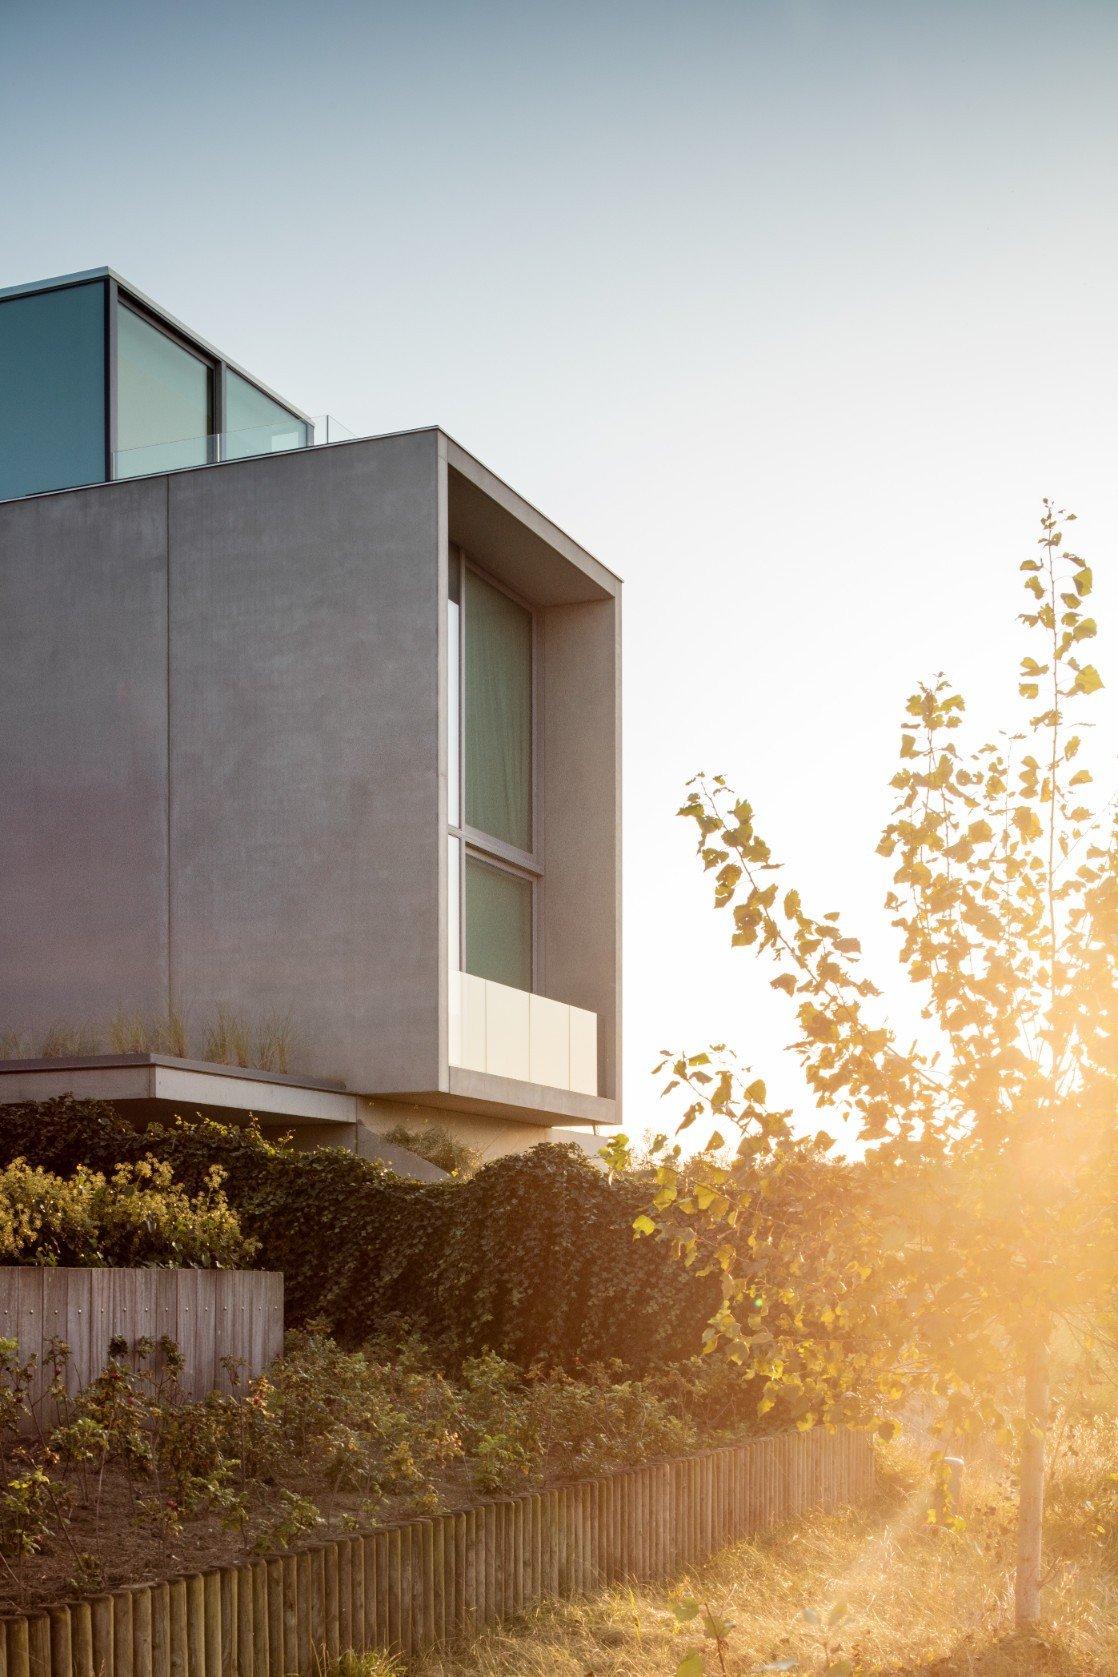 Rietveldprojects-saarinen-appartement-design-architectuur-kust-tvdv20